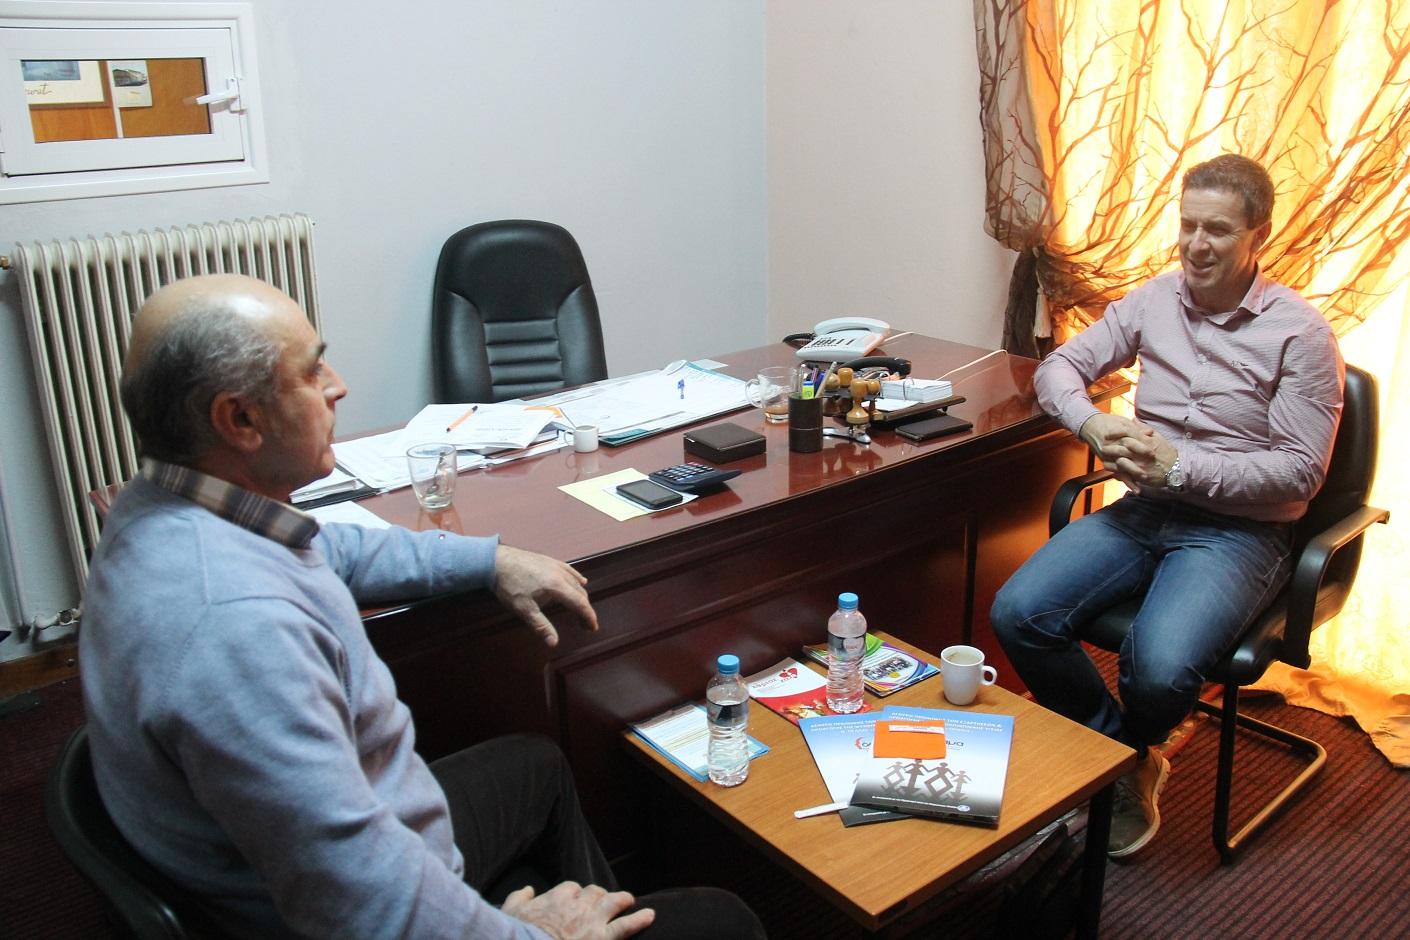 Αποτέλεσμα εικόνας για Δημοτικής Κοινωφελούς Επιχείρησης του Δήμου Αλμωπίας